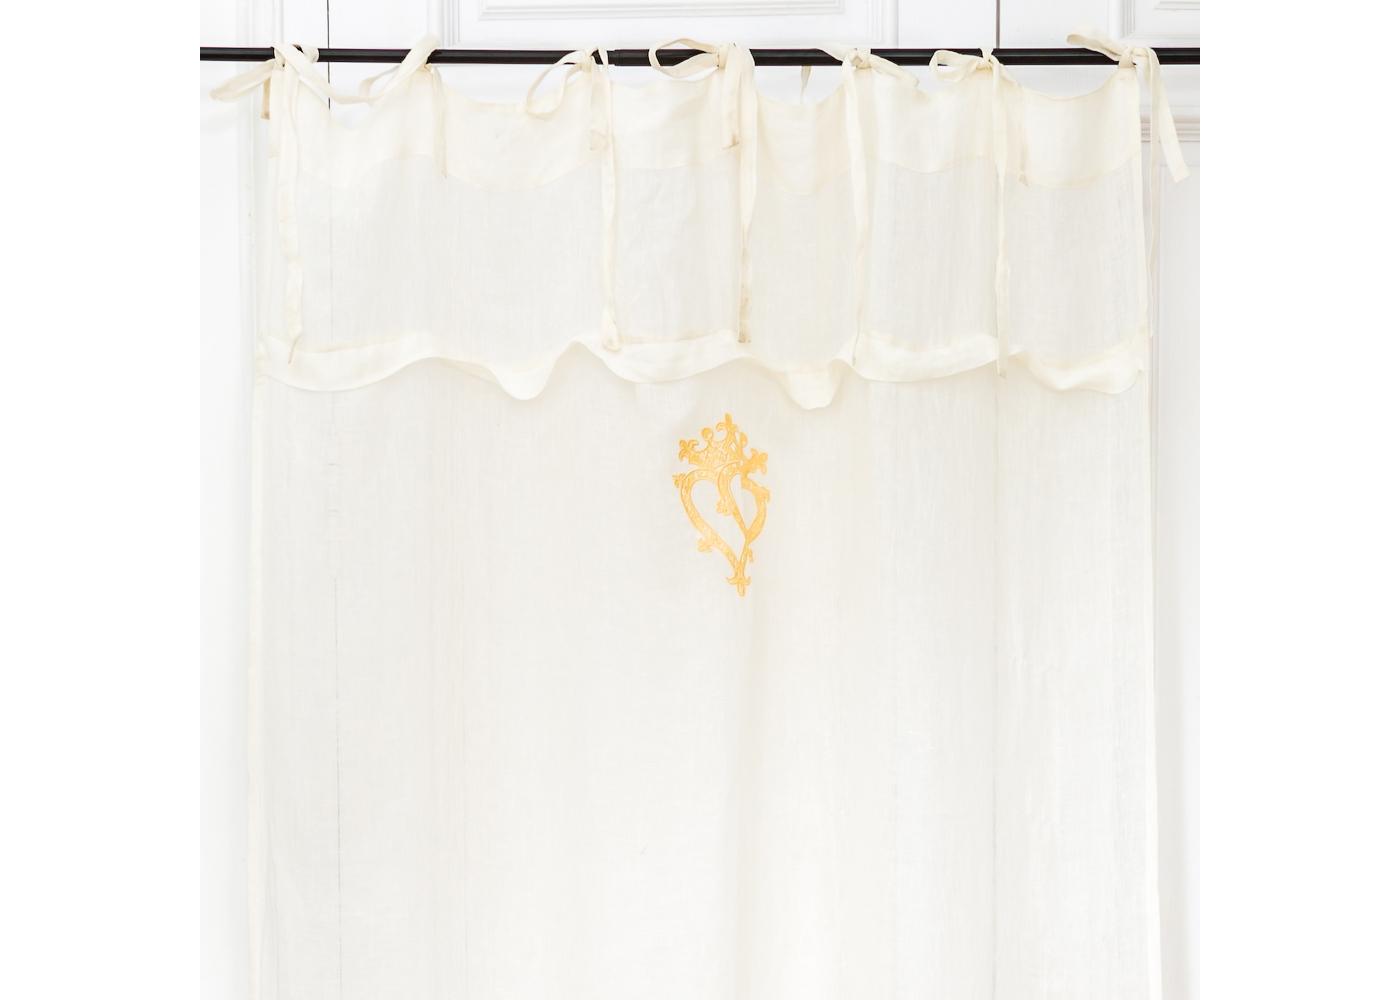 Штора «Вечная любовь»Шторы<br>&amp;lt;div&amp;gt;&amp;lt;div&amp;gt;Элегантная прозрачная штора «Вечная любовь» украшена поистине роскошной золотистой вышивкой в форме сплетенных сердец, коронованных символом Вечной Любви.&amp;amp;nbsp;&amp;lt;/div&amp;gt;&amp;lt;div&amp;gt;Штора выполнена из натурального льна. Штора размером 140?280 см поистине обворожительна. Особым украшением является бордюр под вышивкой. Штора снабжена семью петлями, которые завязываются в кокетливые банты. Каждая завязка имеет длину 40 см, что без труда позволит при необходимости удлинить штору, не смотря на то, что её готовый размер уже не мал.&amp;lt;/div&amp;gt;&amp;lt;/div&amp;gt;&amp;lt;div&amp;gt;&amp;lt;br&amp;gt;&amp;lt;/div&amp;gt;&amp;lt;div&amp;gt;&amp;lt;br&amp;gt;&amp;lt;/div&amp;gt;&amp;lt;div&amp;gt;&amp;lt;br&amp;gt;&amp;lt;/div&amp;gt;&amp;lt;div&amp;gt;&amp;lt;br&amp;gt;&amp;lt;/div&amp;gt;<br>&amp;lt;iframe width=&amp;quot;530&amp;quot; height=&amp;quot;360&amp;quot; src=&amp;quot;https://www.youtube.com/embed/iBvMqoOrDH4&amp;quot; frameborder=&amp;quot;0&amp;quot; allowfullscreen=&amp;quot;&amp;quot;&amp;gt;&amp;lt;/iframe&amp;gt;<br><br>Material: Лен<br>Width см: 140<br>Height см: 280